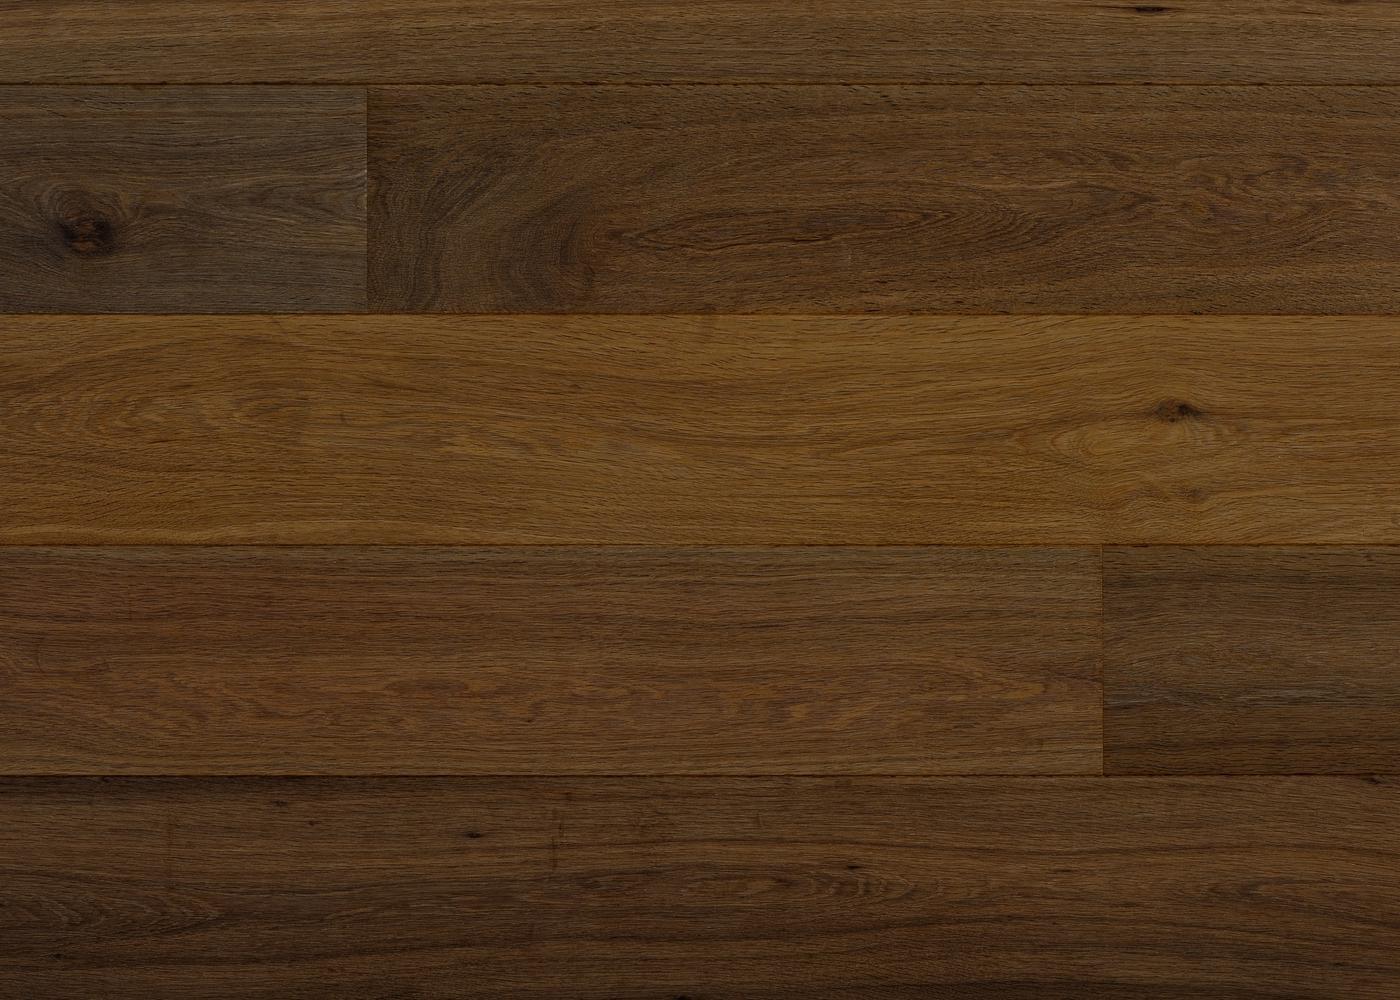 Parquet chêne contrecollé MELBOURNE vernis aqua ultra mat Mélange 50% PRBis, 50% Matière 12x160x1100-2200